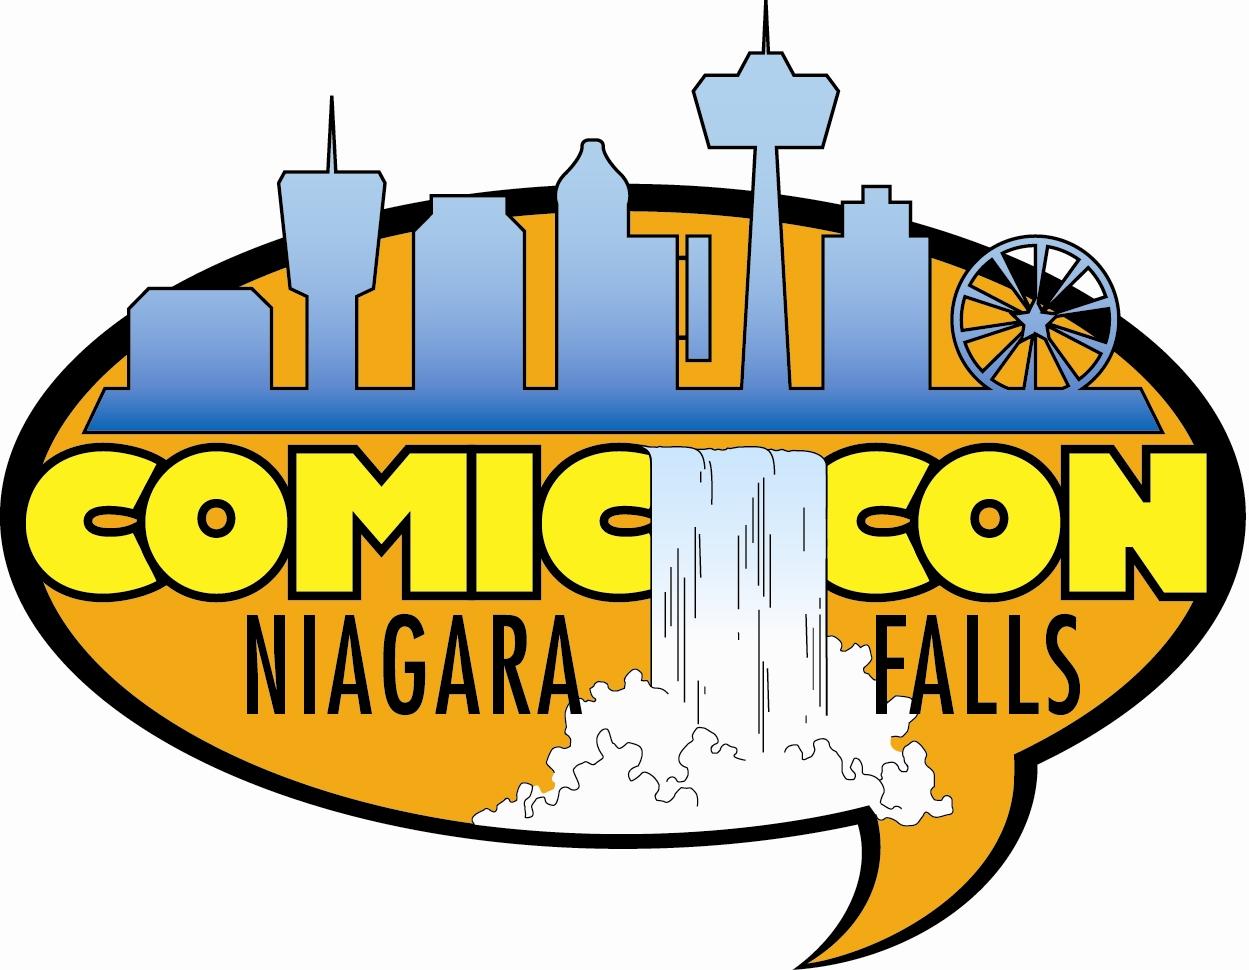 Niagara Falls Comic Con